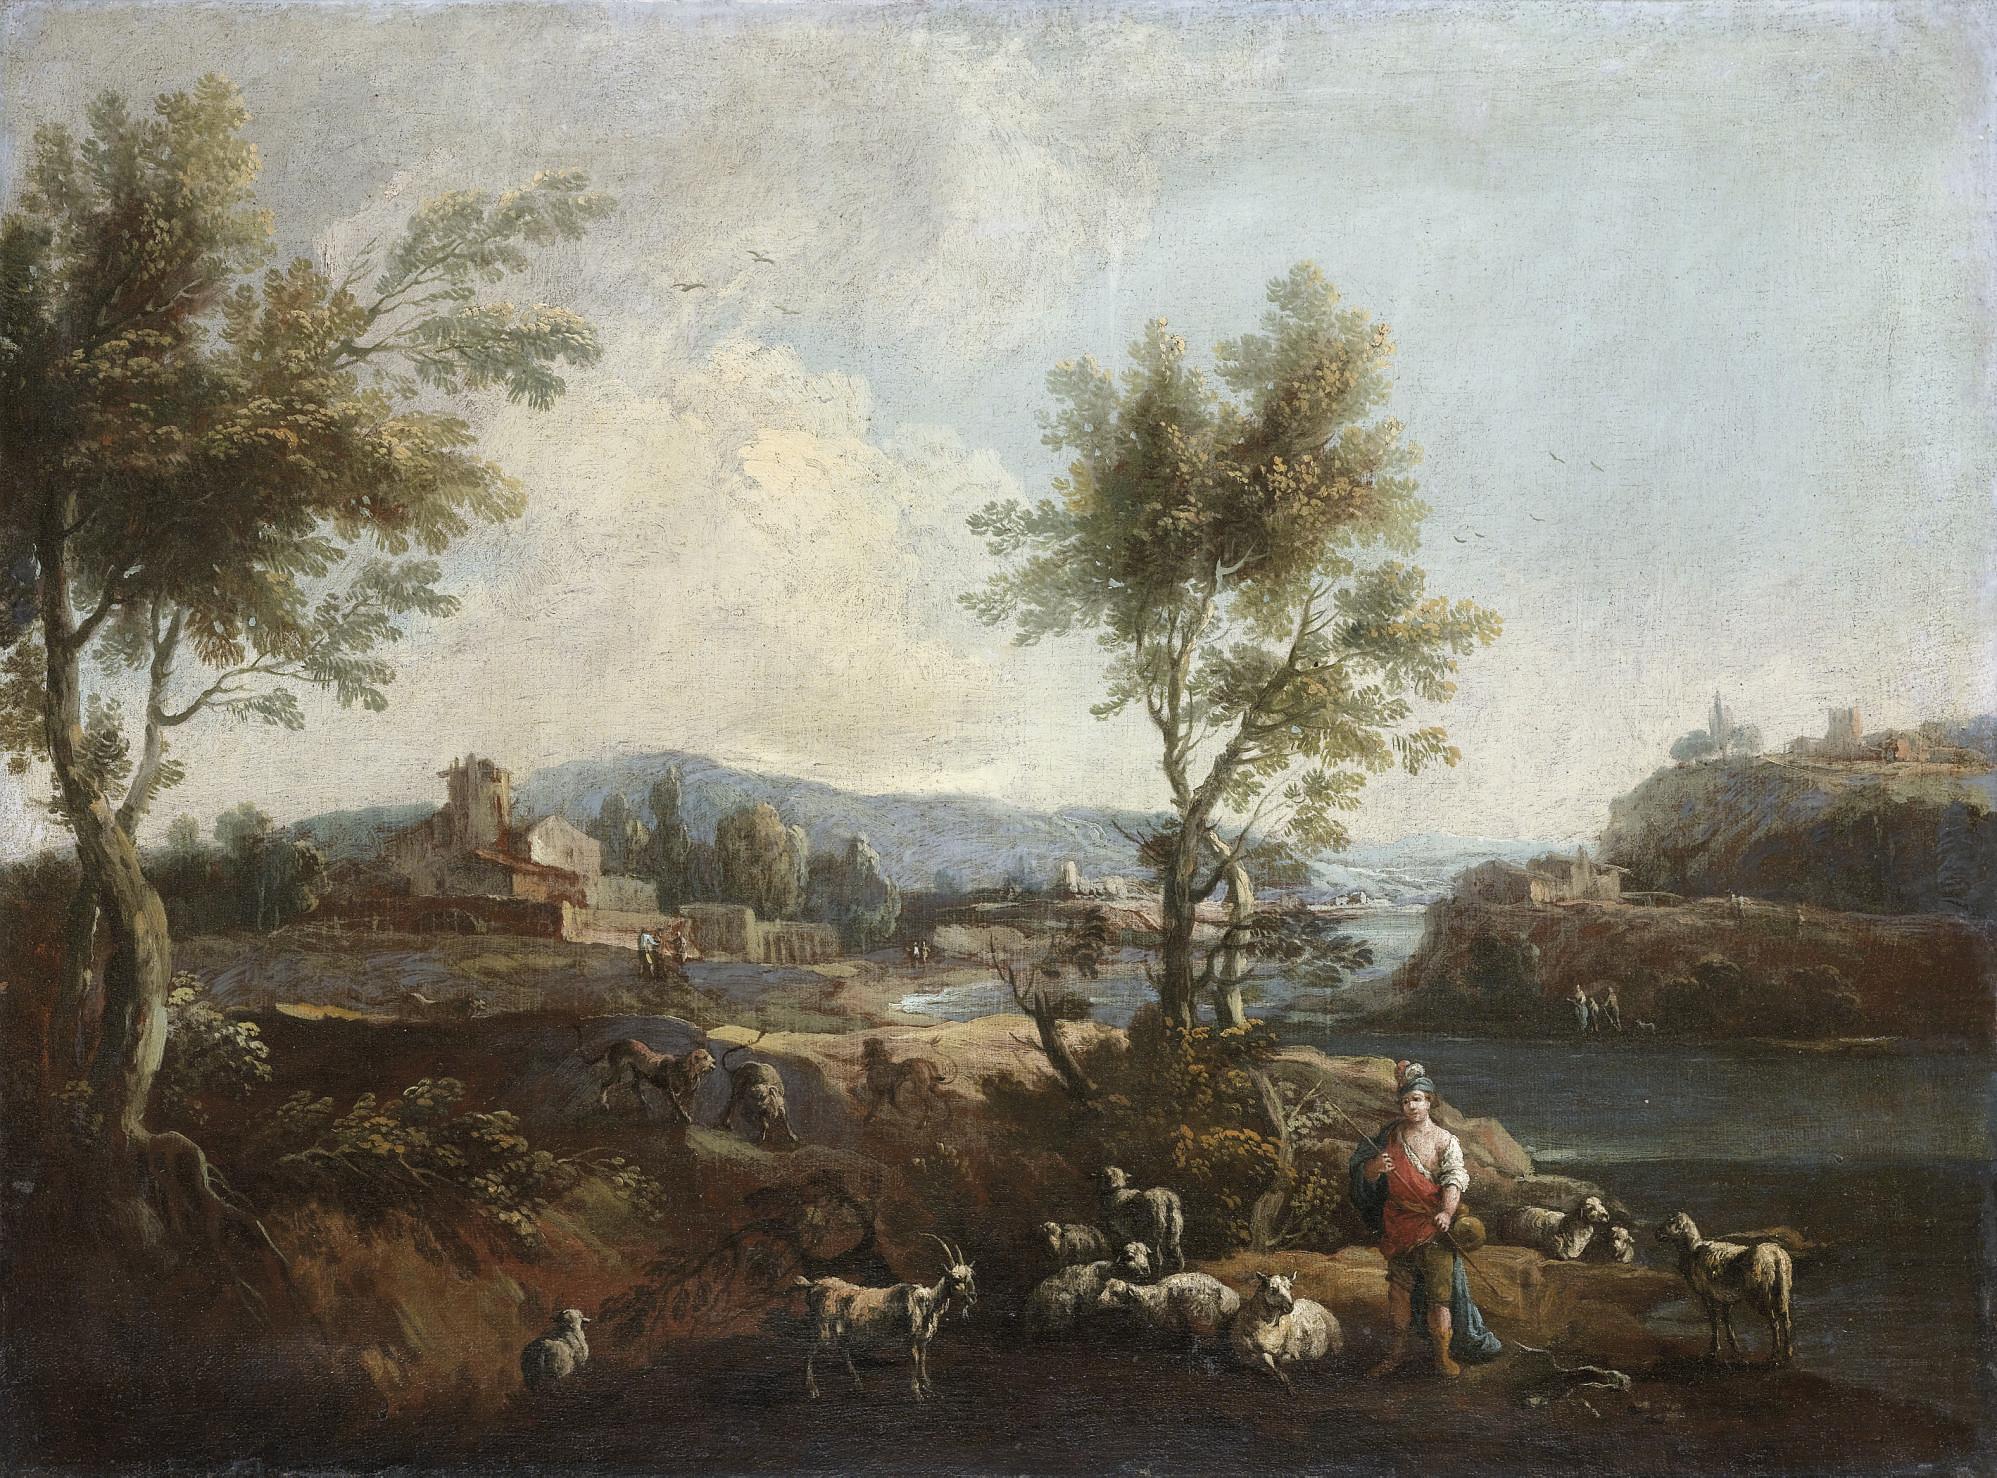 Paesaggio fluviale con pastore e gregge